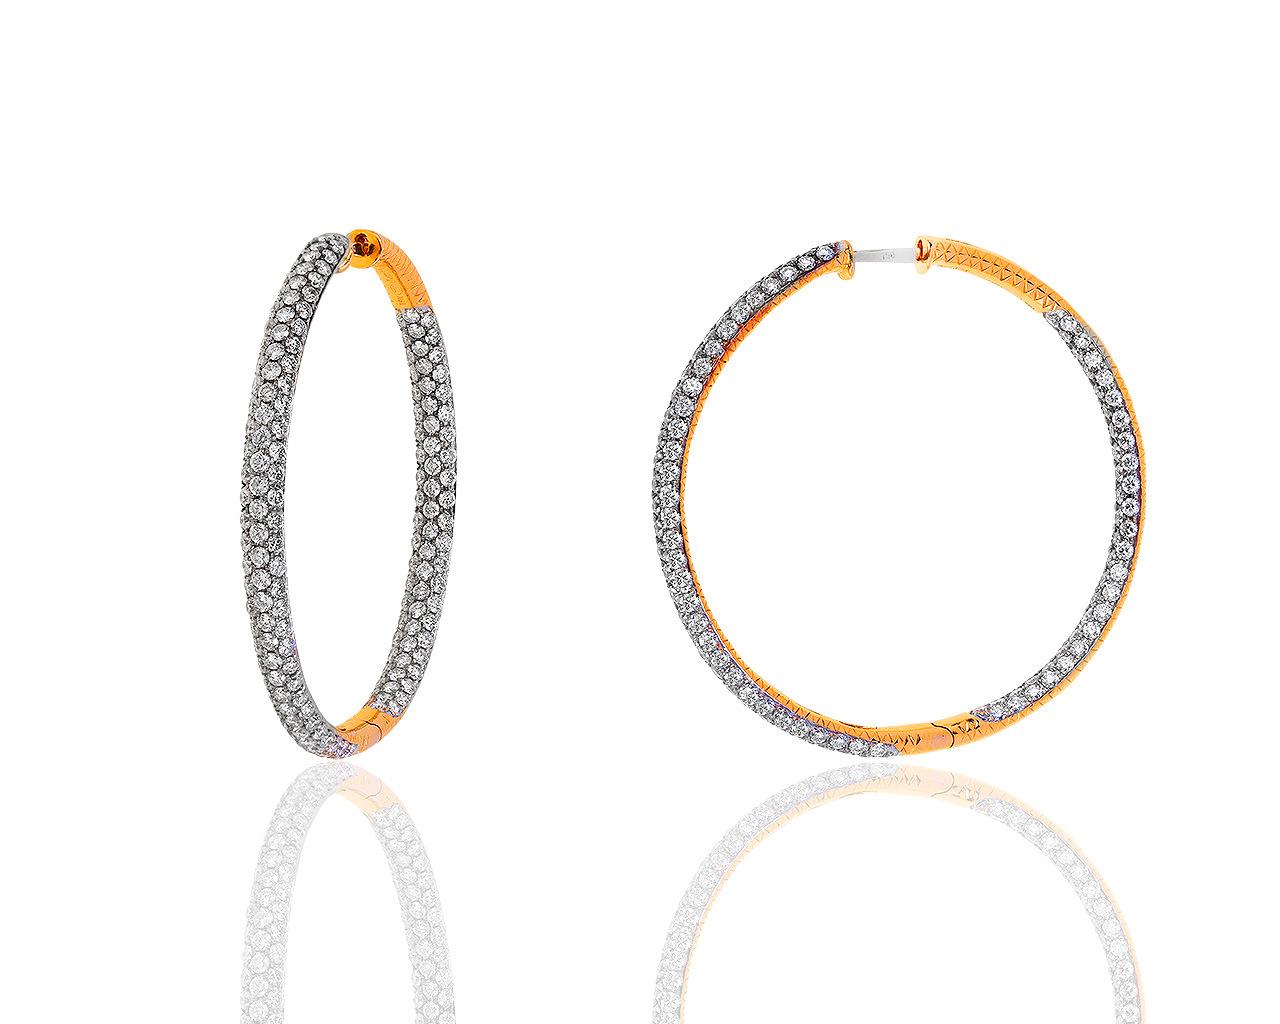 Удивительные золотые серьги с бриллиантами 6 05ct Damas